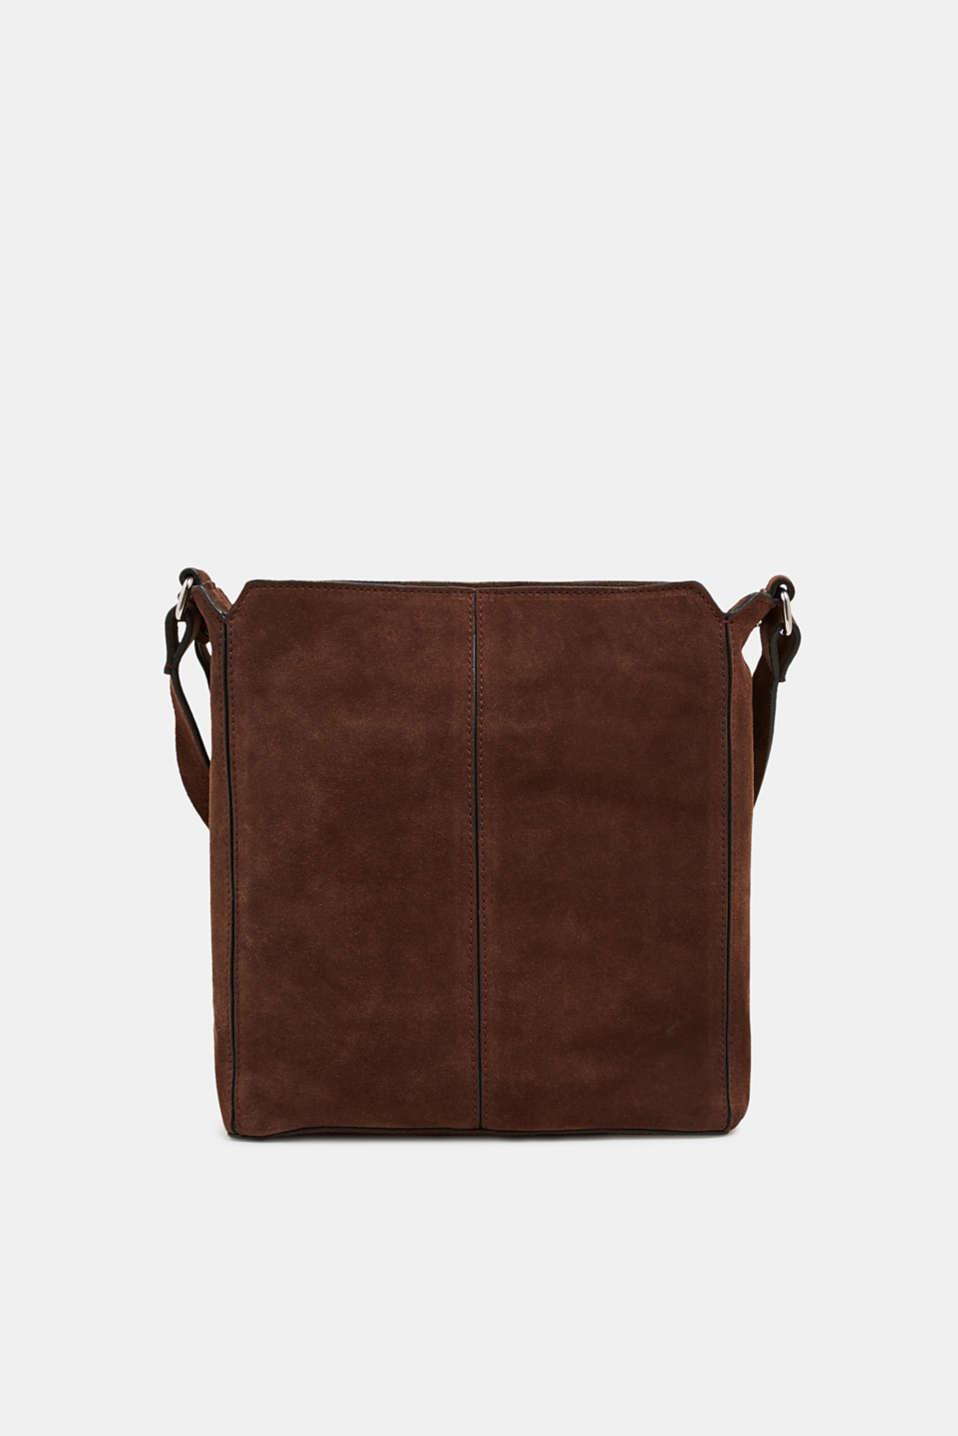 Leather shoulder bag, DARK BROWN, detail image number 5